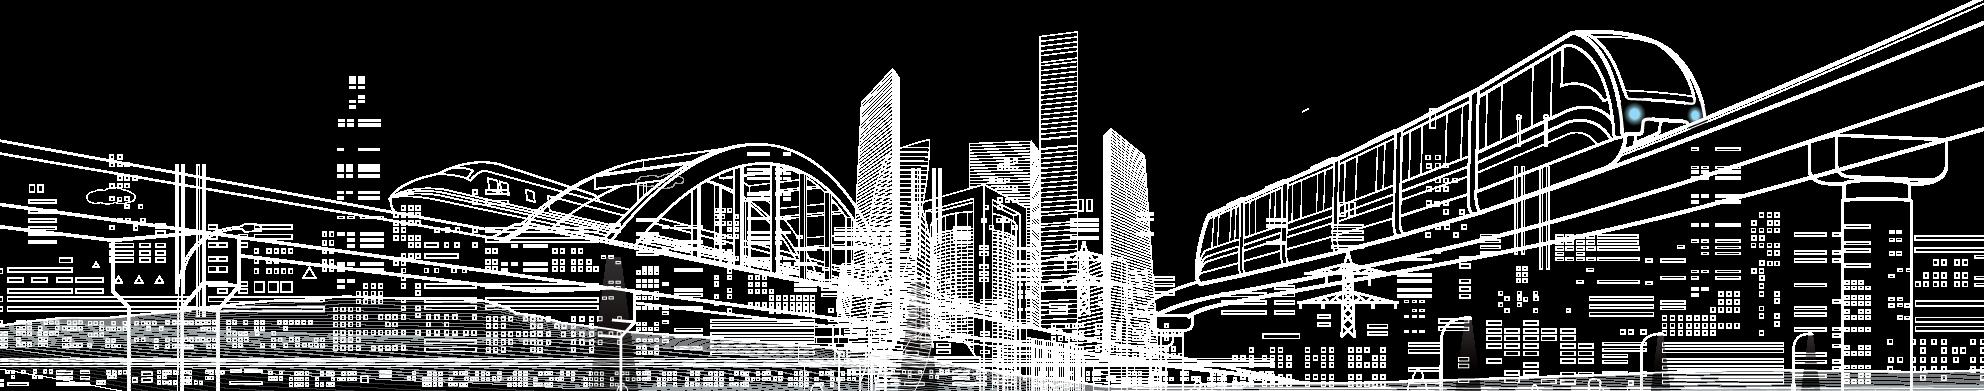 city-landscape_v4.png